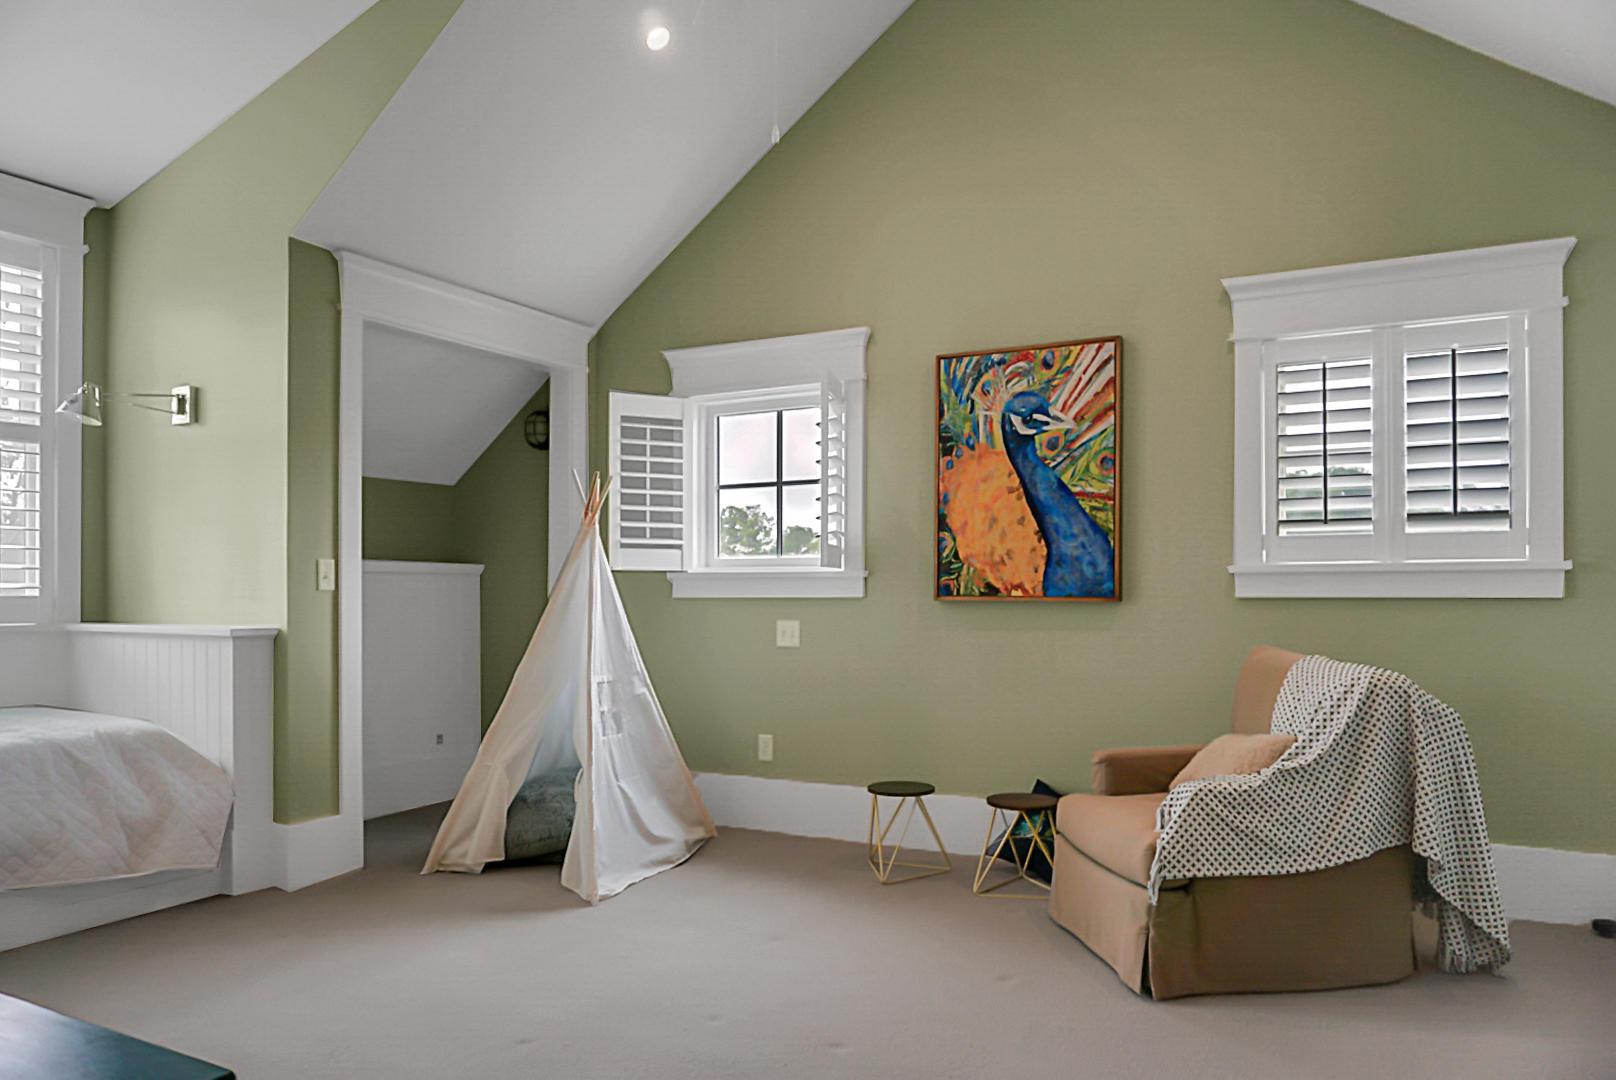 Dunes West Homes For Sale - 2978 River Vista, Mount Pleasant, SC - 83